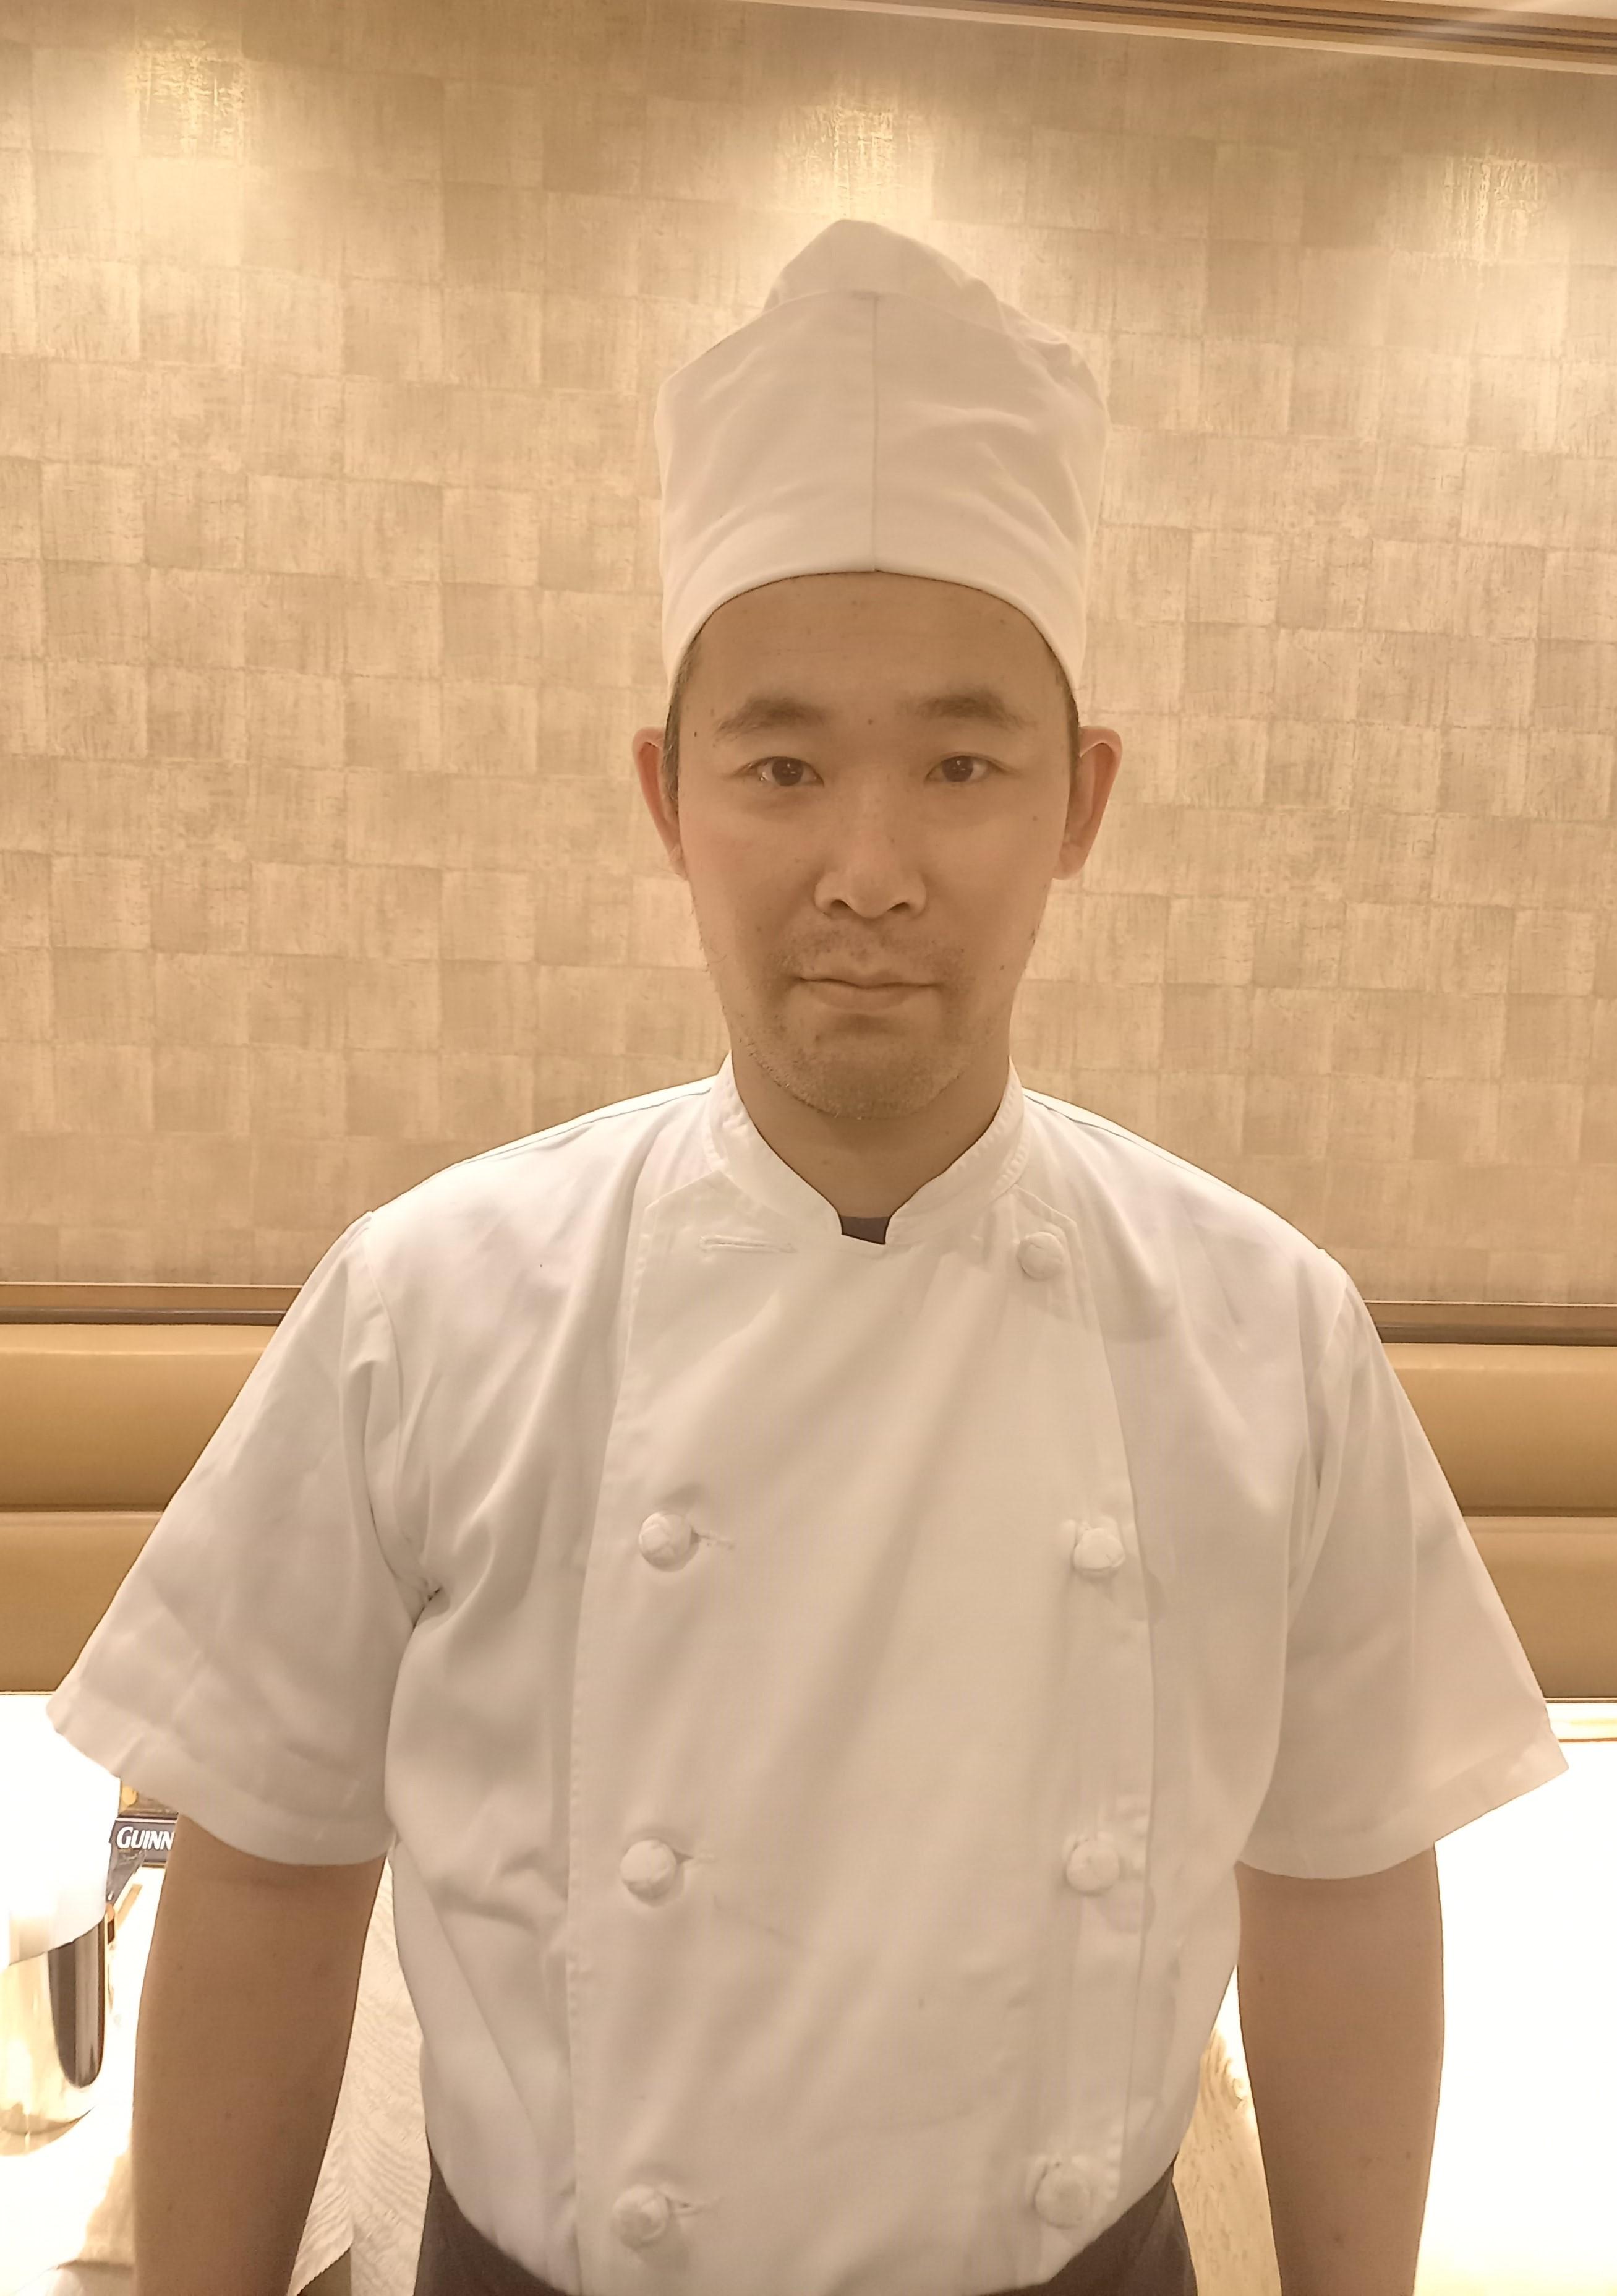 おうちで本格中華料理 ※全コースの中から3コースまでお申込みできます。 イメージ